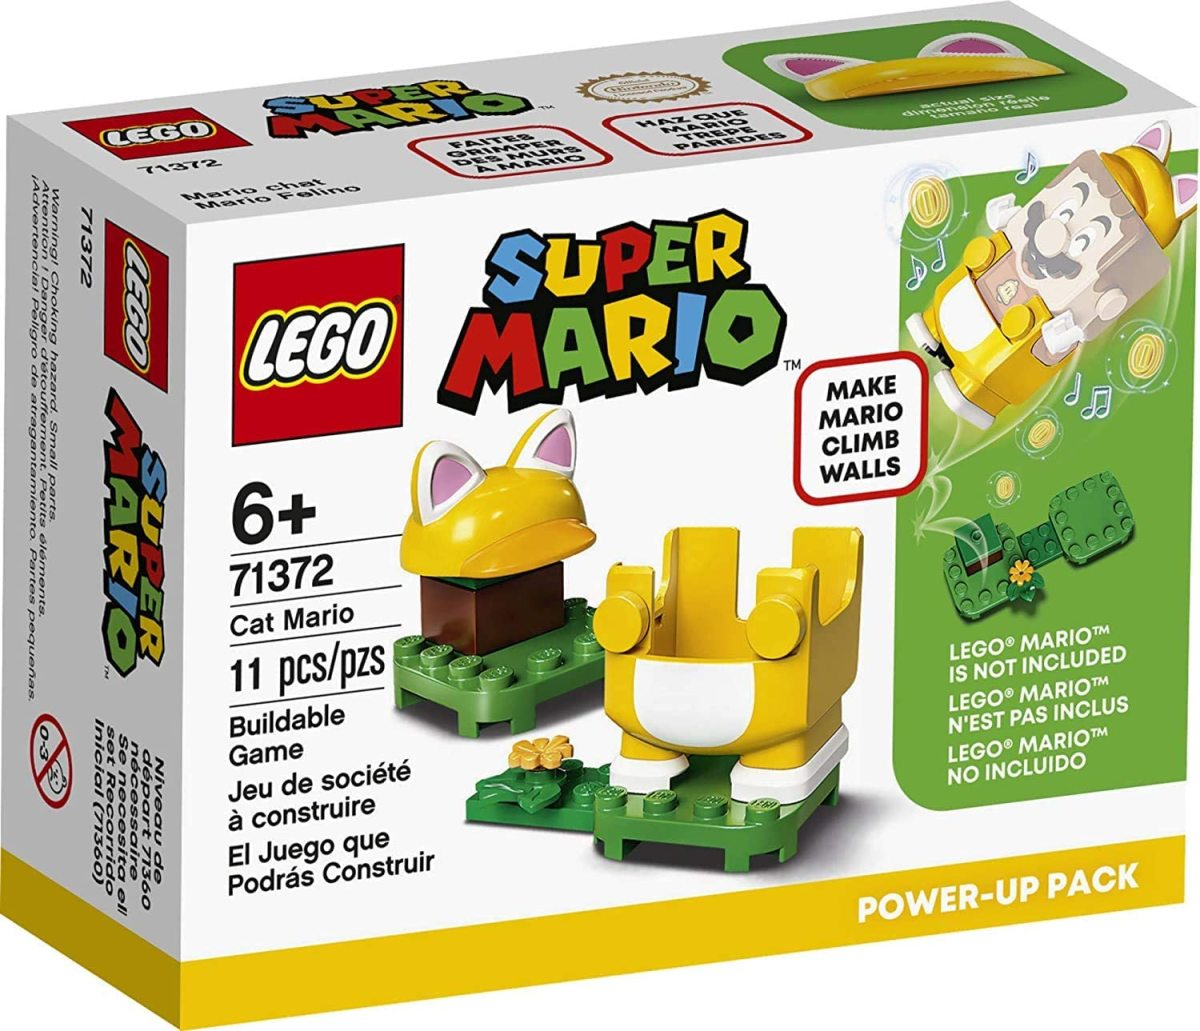 LEGO Super Mario Cat Mario Power-Up Pack 71372 Box